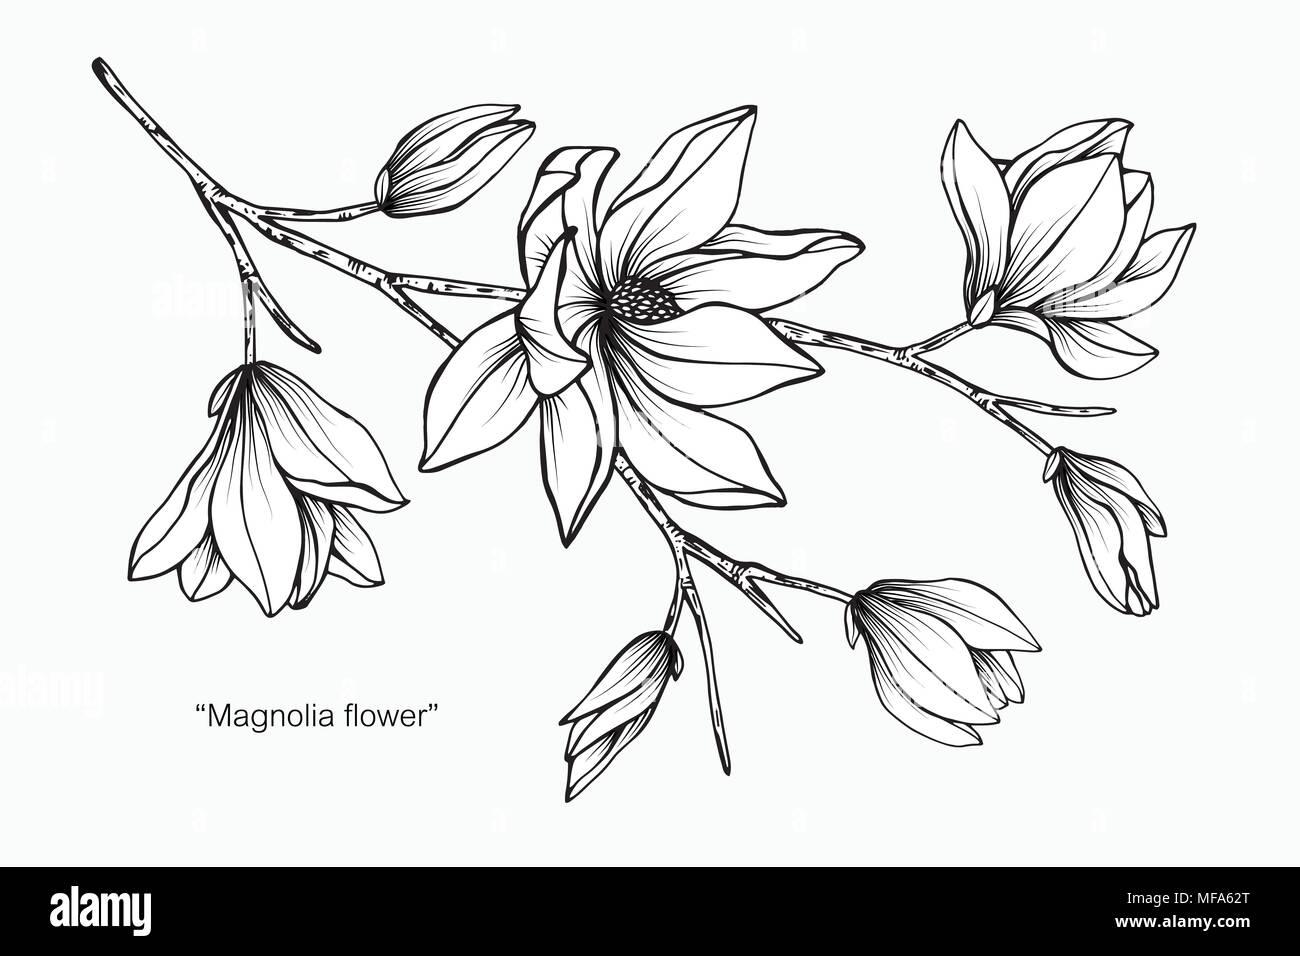 Illustration Dessin Fleur De Magnolia Noir Et Blanc Avec Dessin Au